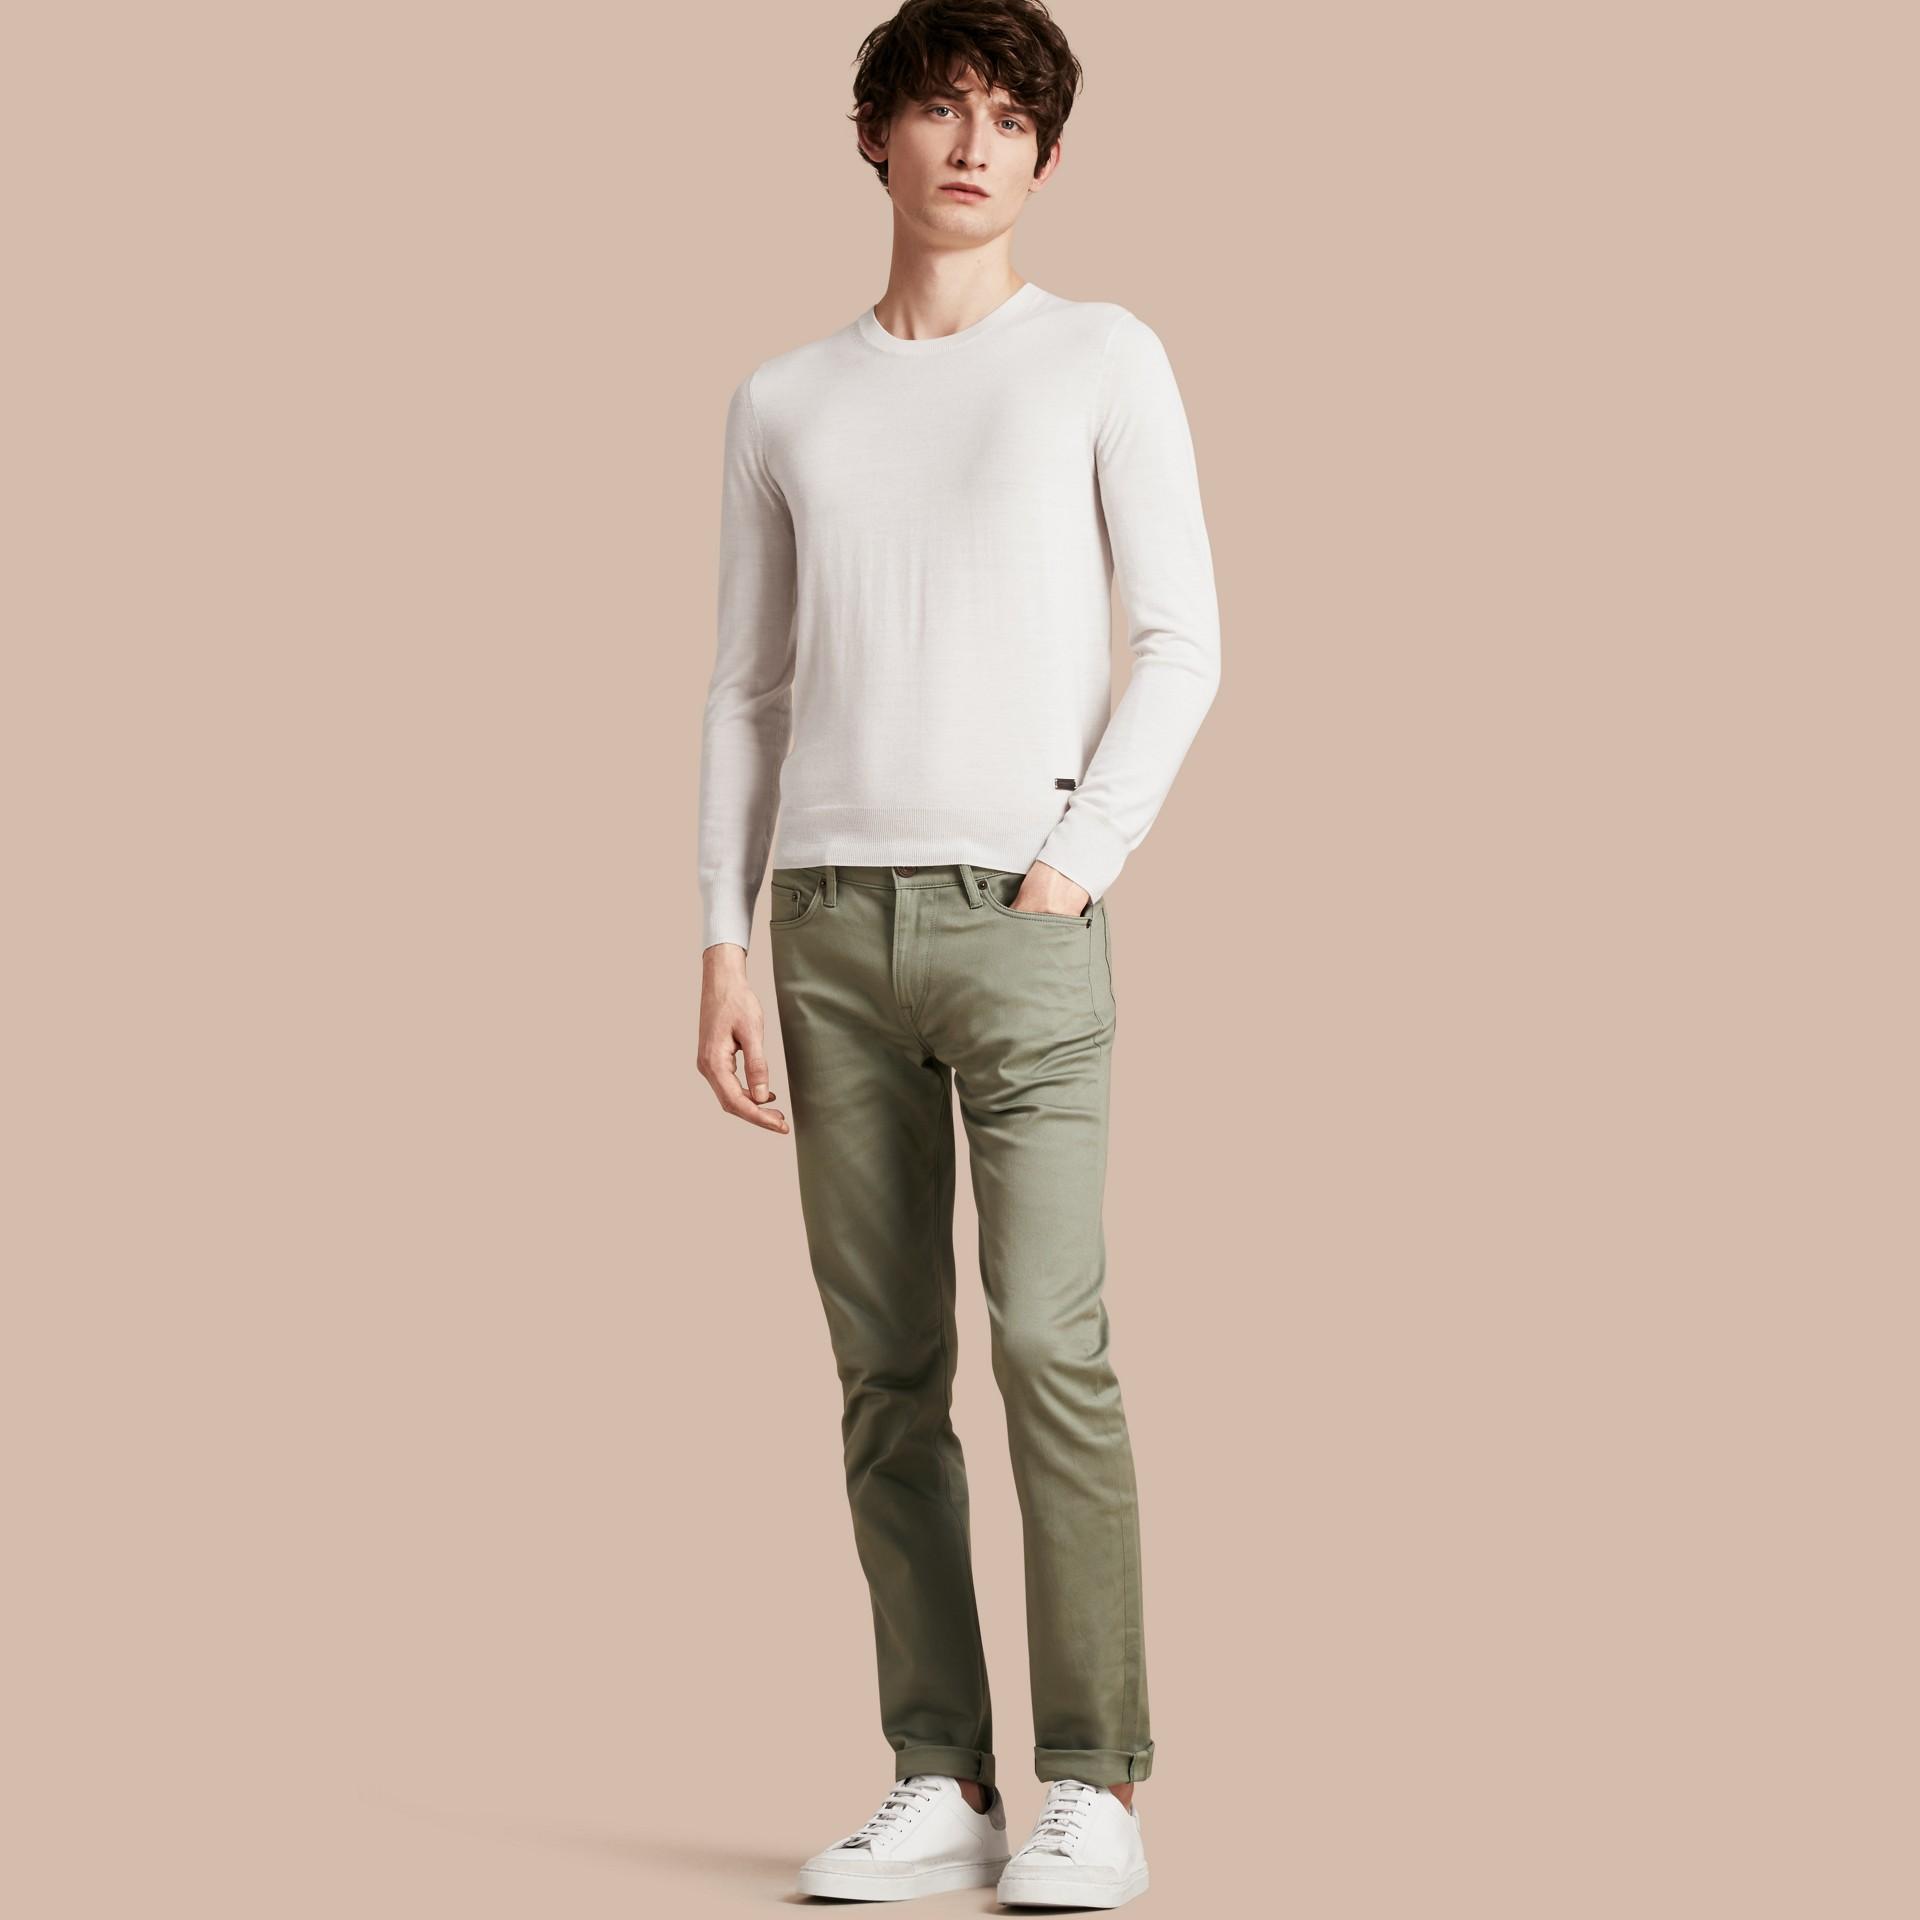 Eukalyptusgrün Körperbetonte Jeans aus japanischem Stretchdenim Eukalyptusgrün - Galerie-Bild 1